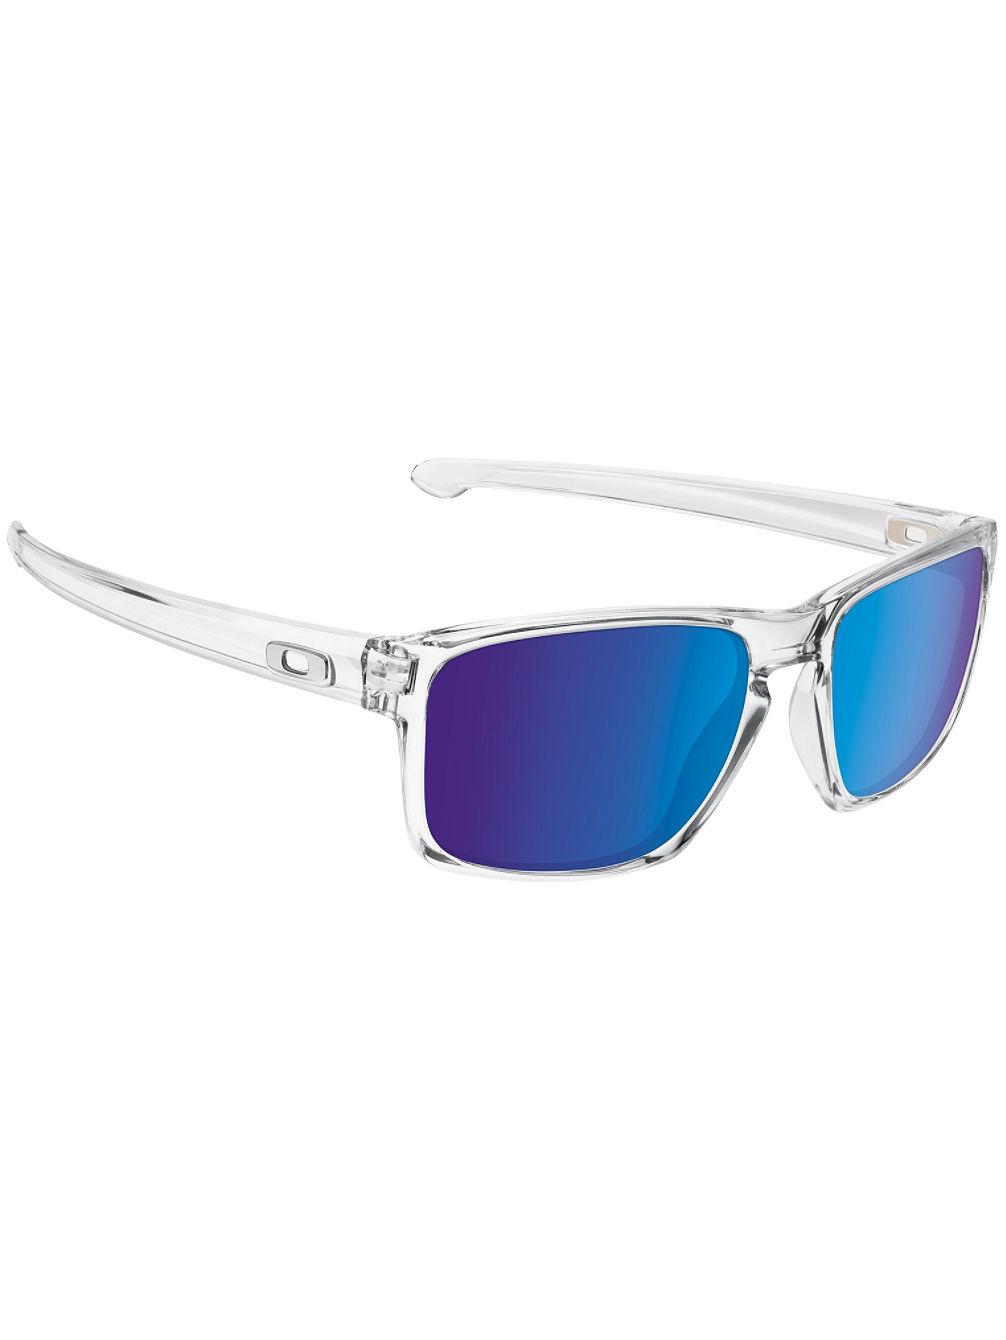 oakley sliver polished clear sonnenbrille online kaufen bei blue. Black Bedroom Furniture Sets. Home Design Ideas